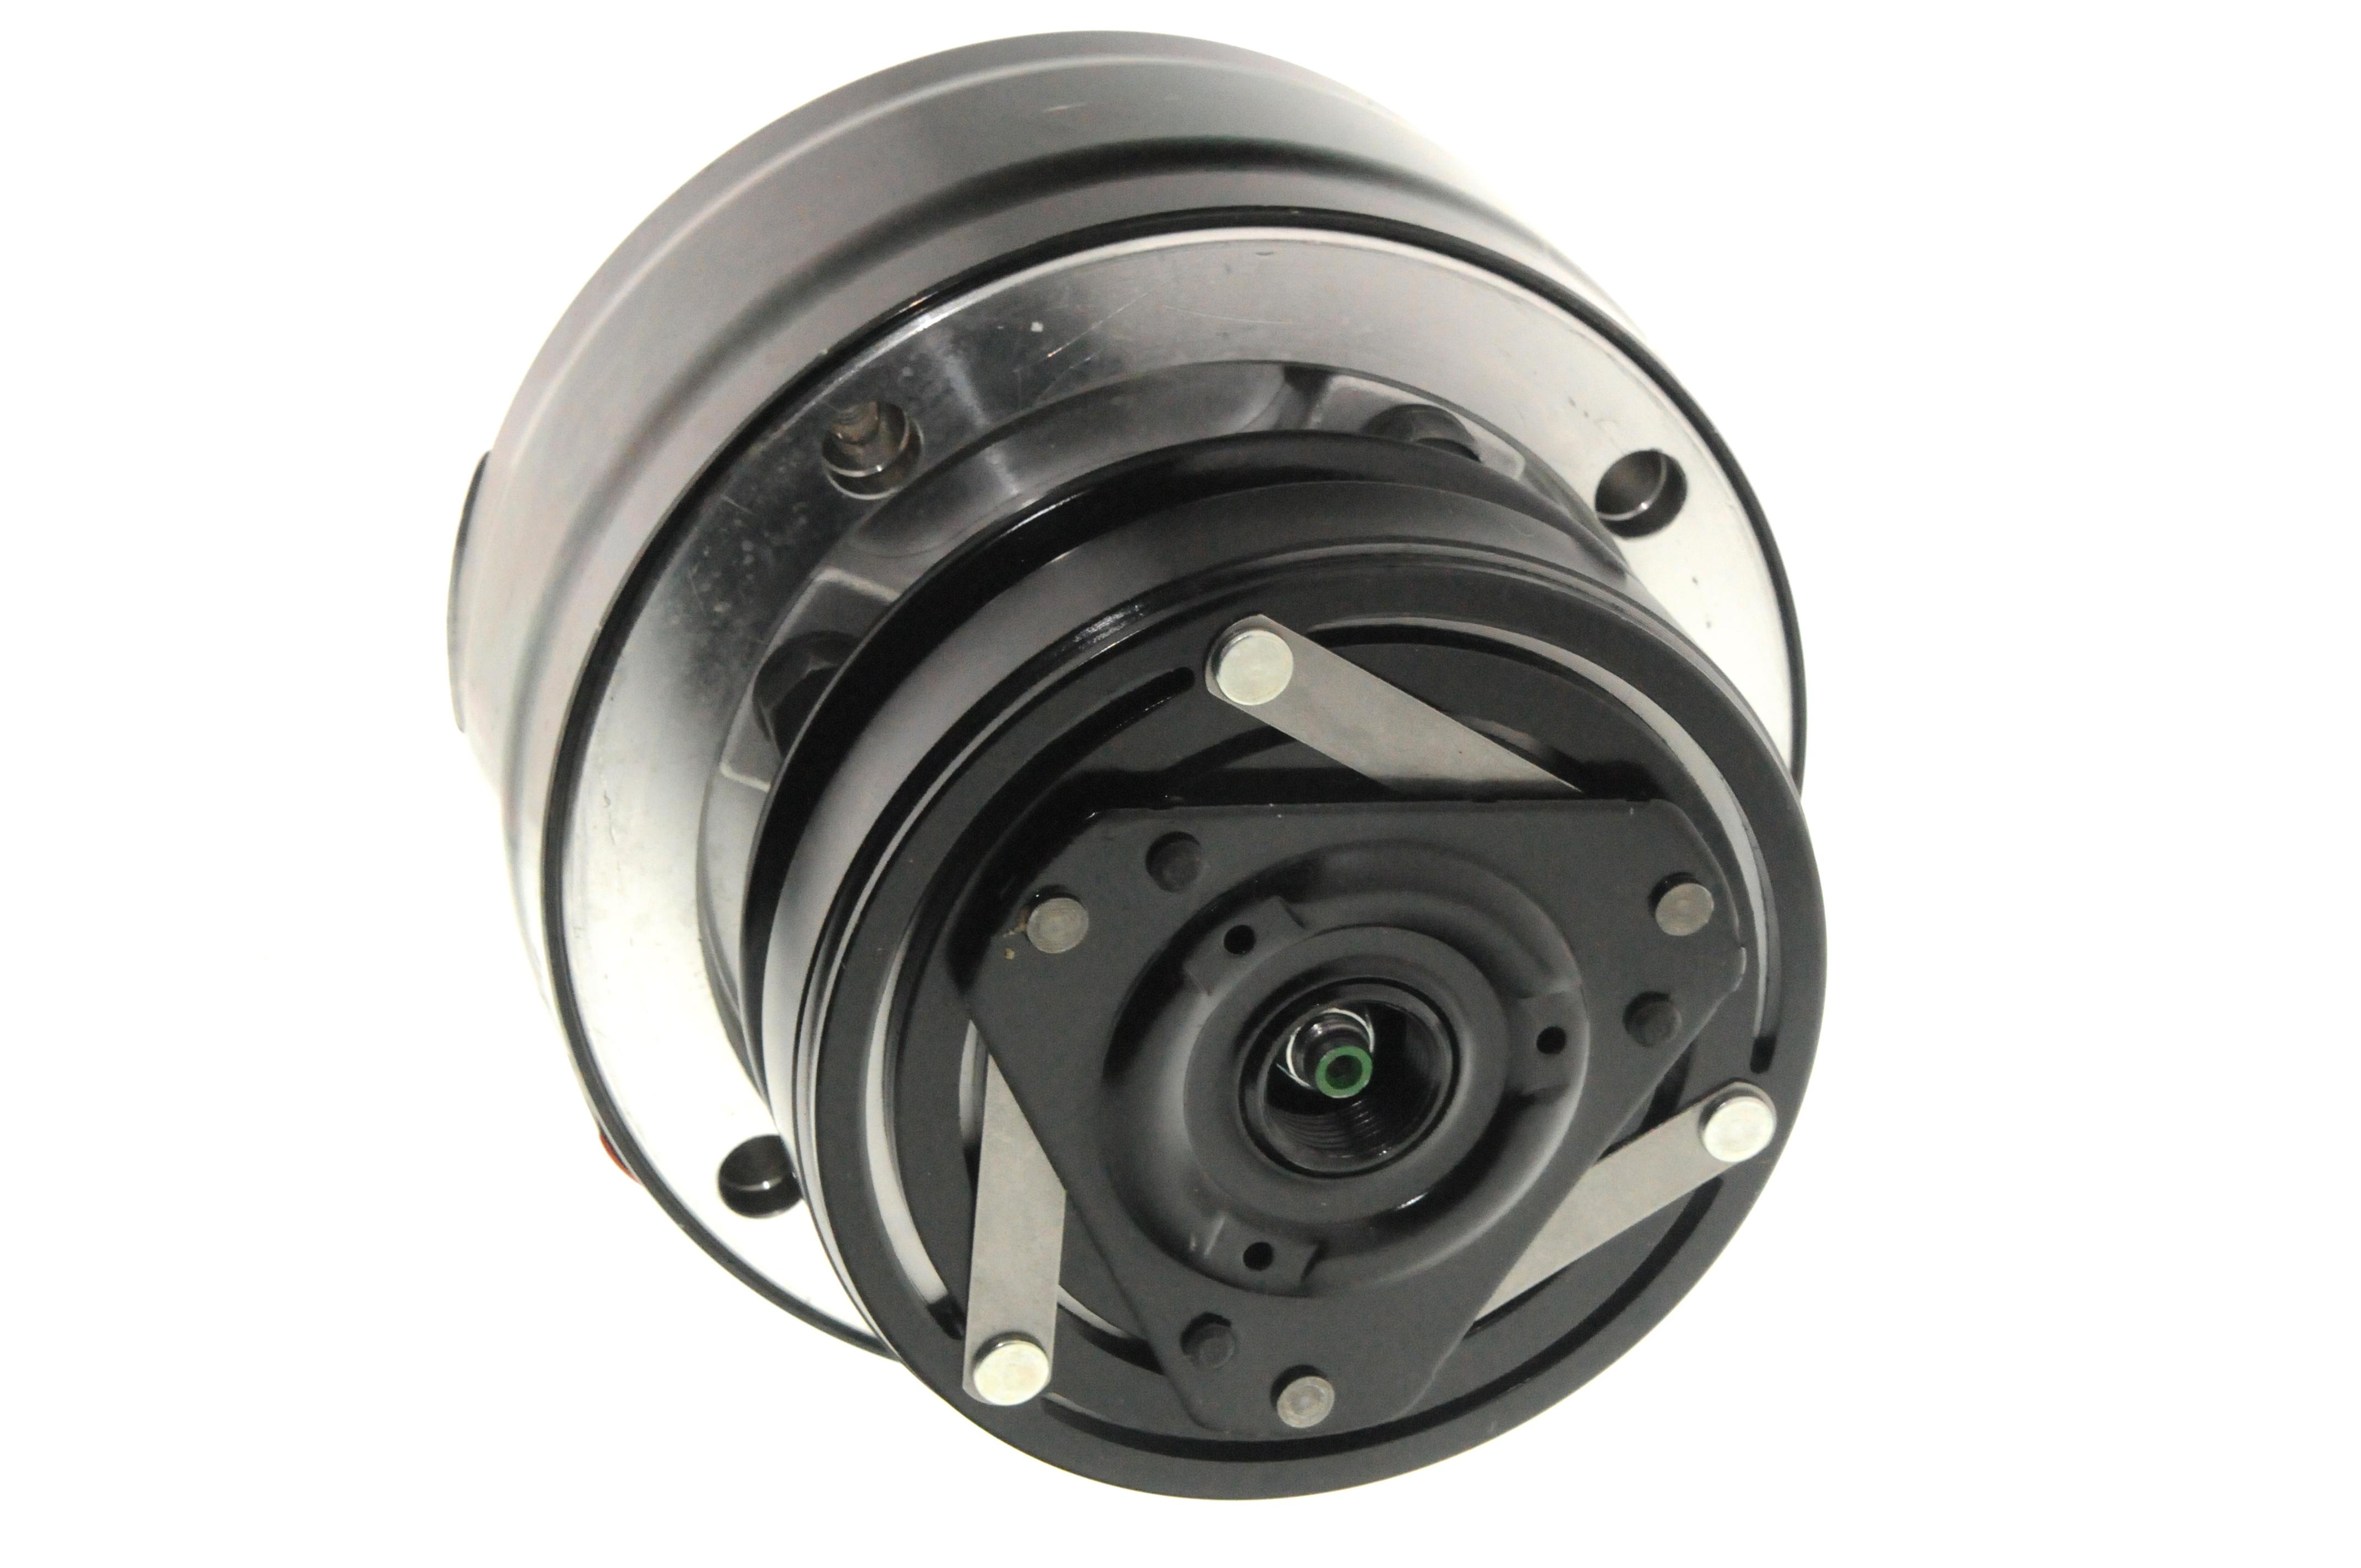 ACDELCO GM ORIGINAL EQUIPMENT - A/C Compressor - DCB 15-20206